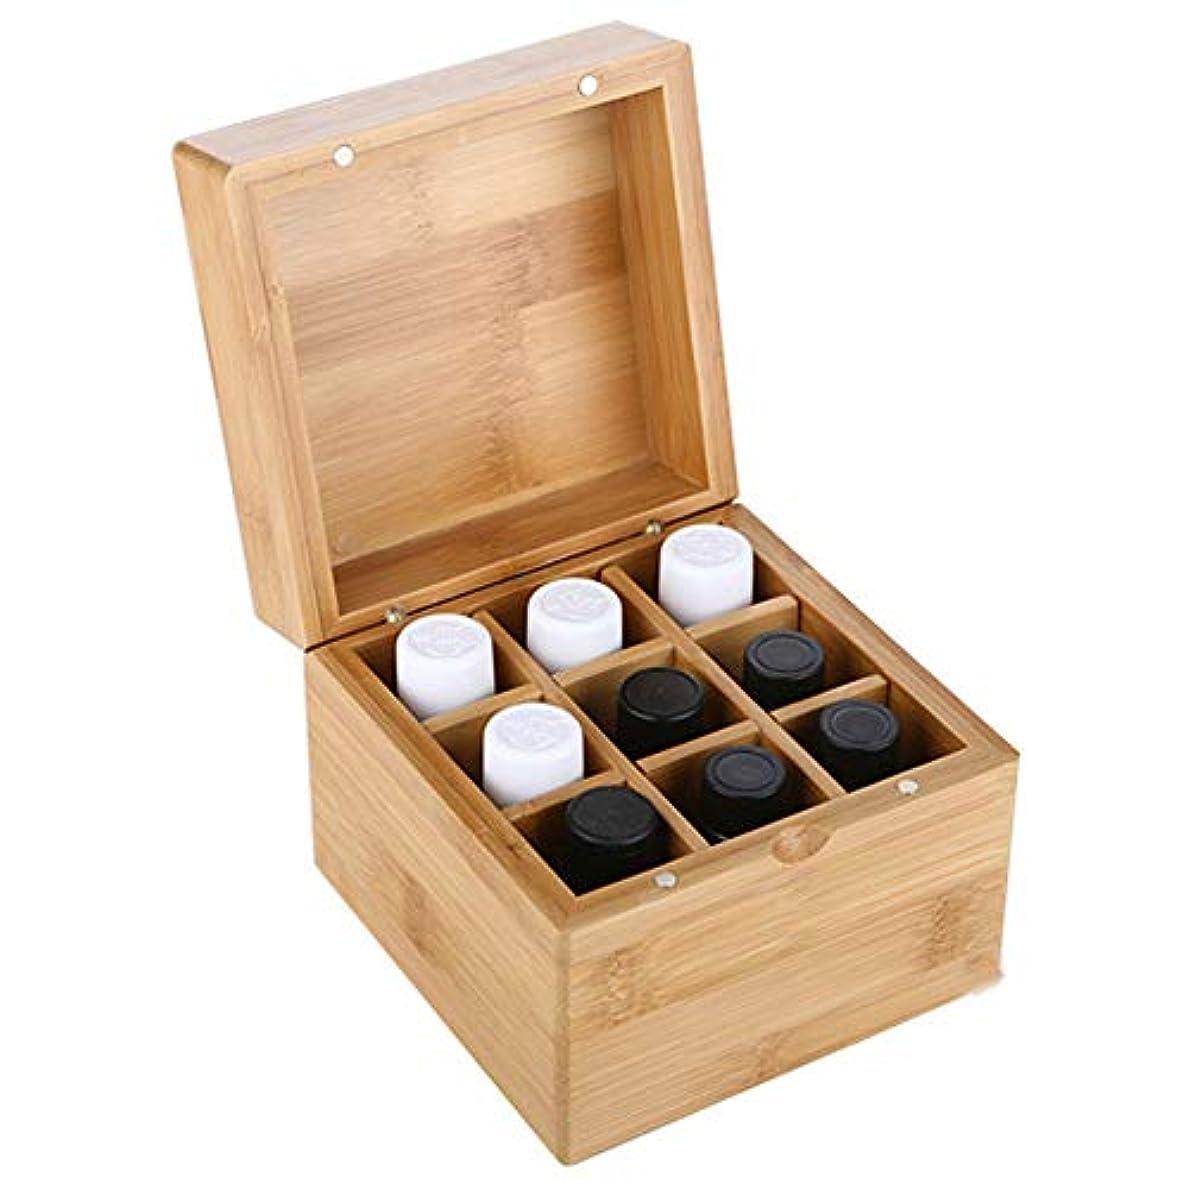 ムス白い商業のエッセンシャルオイル収納ボックス 9スロットエッセンシャルオイルボックス木製収納ケースは、あなたの油安全保護11.5x11.5x8.3cmをキープ保護します (色 : Natural, サイズ : 11.5X11.5X8.3CM)